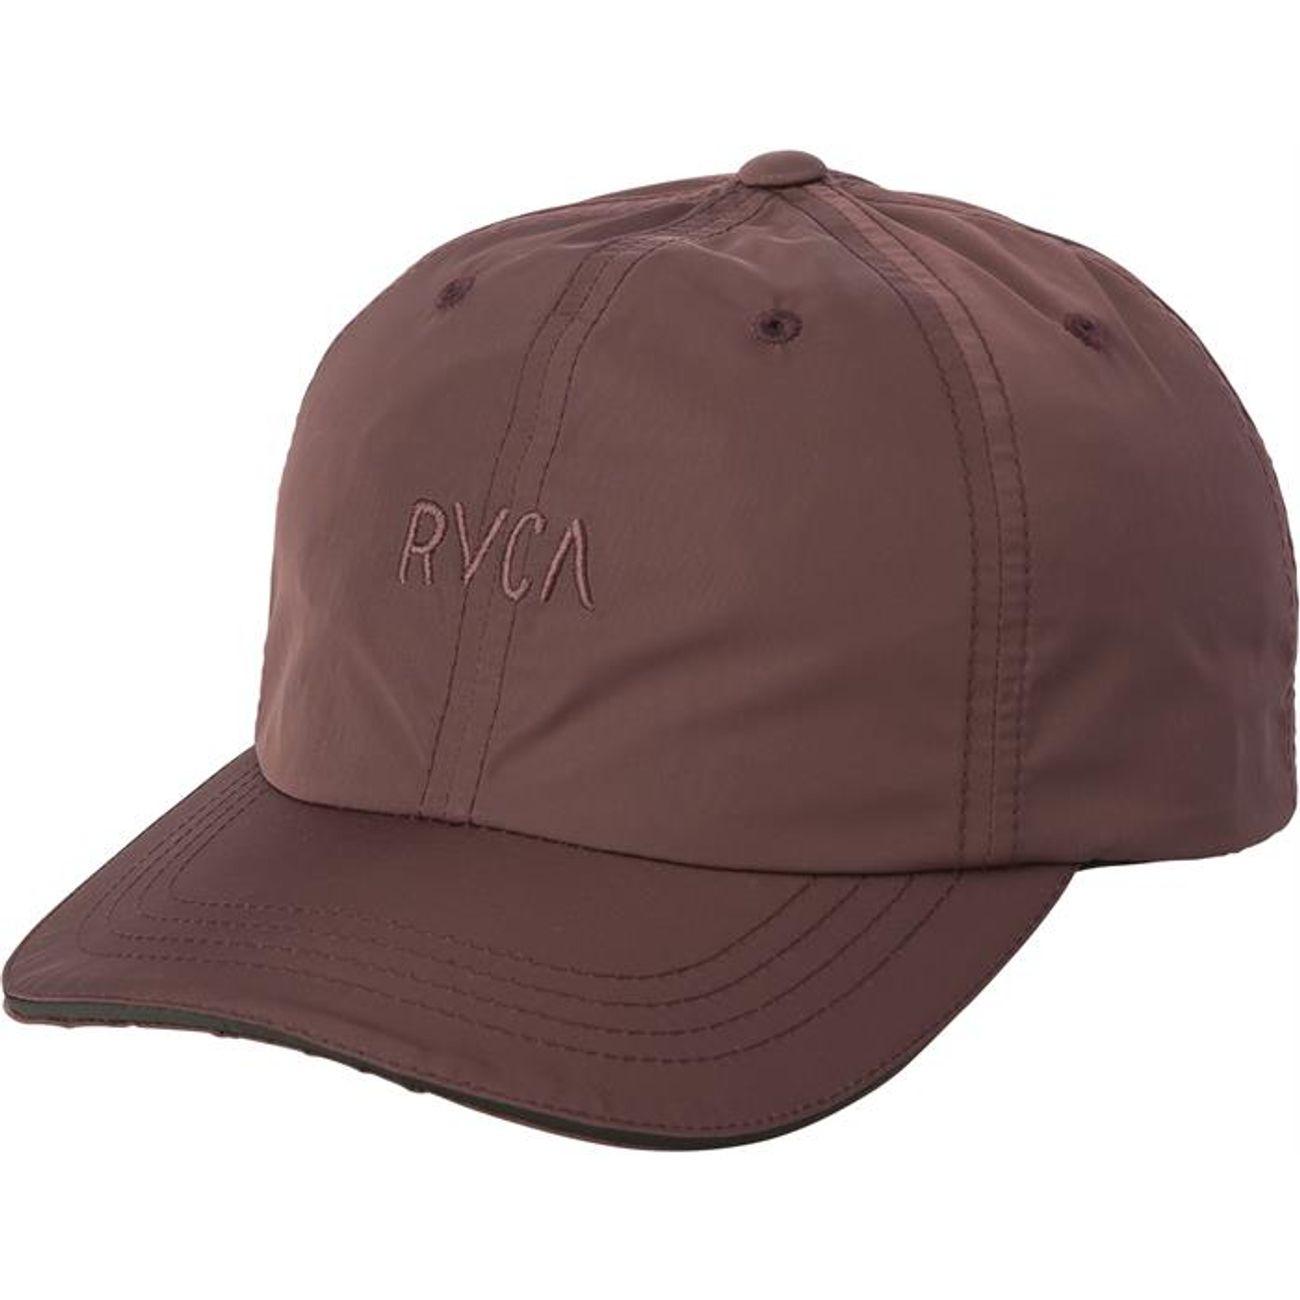 Fade U Consider Hat Dad Magenta Rvca Multisport Femme ARj54L